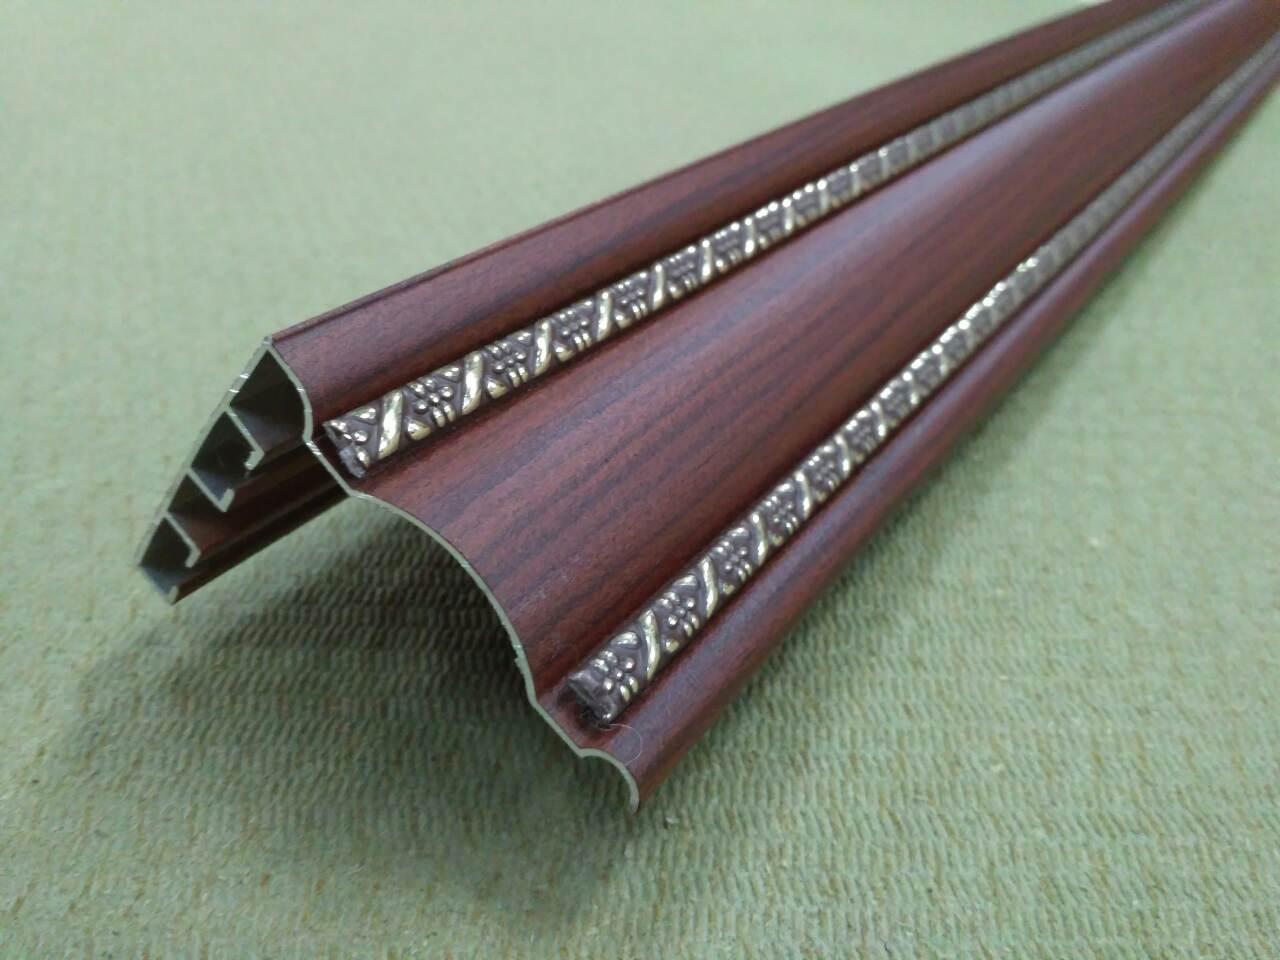 Карниз алюминиевый Бр 04 Цвет Махонь x длина 2,5 метра (есть 3 шт)